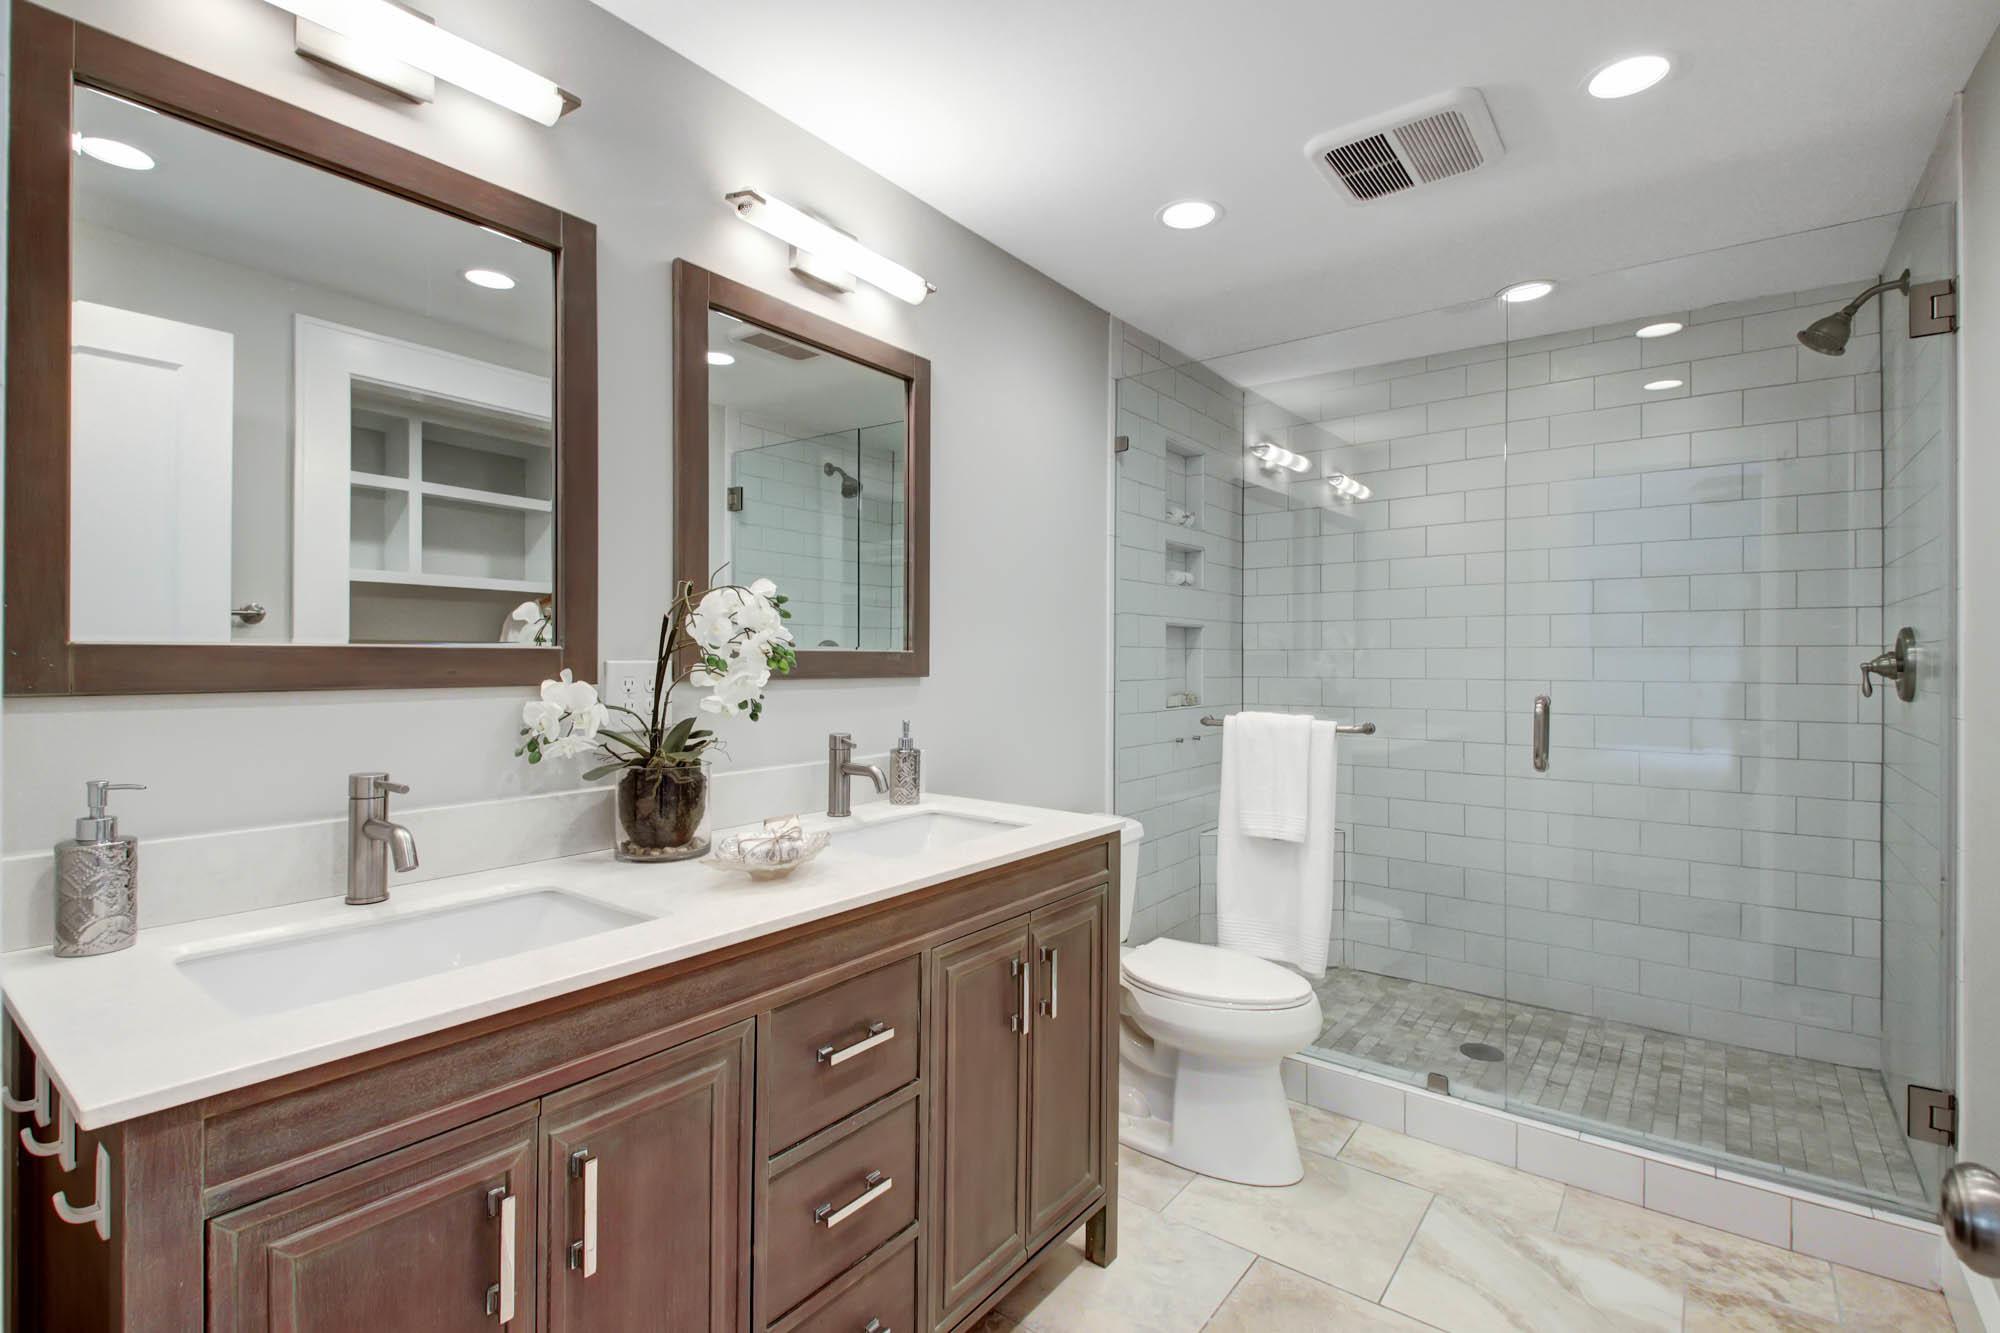 Avondale Homes For Sale - 57 Avondale, Charleston, SC - 8